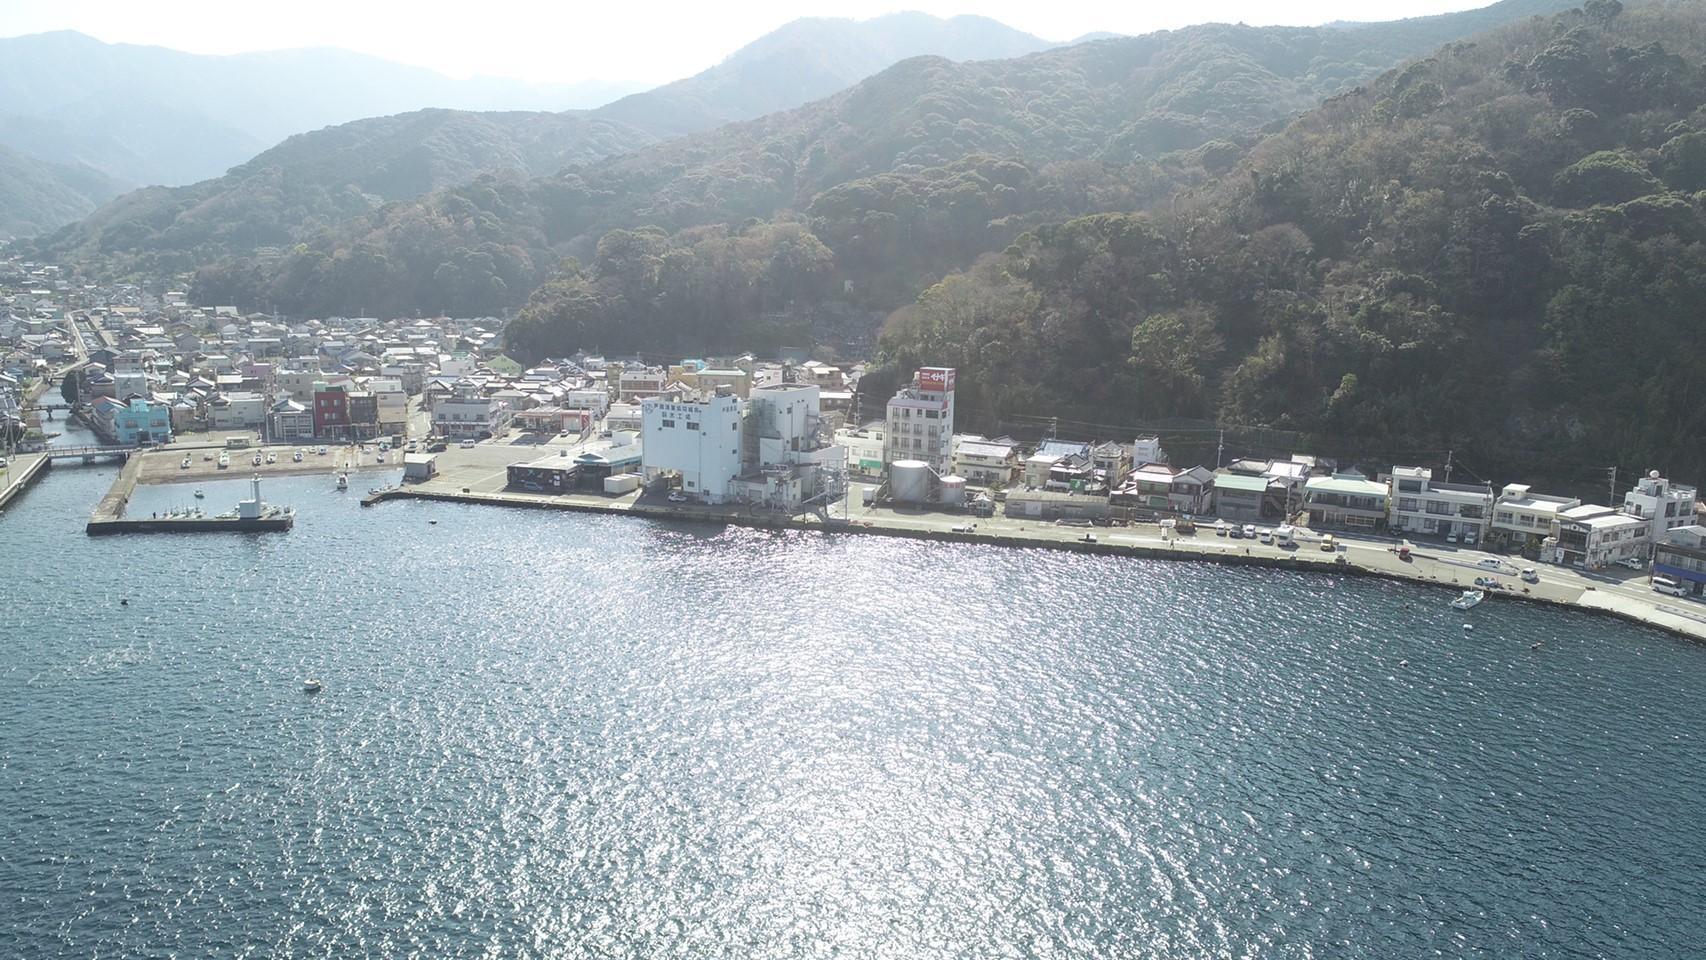 【西伊豆|沼津市】『戸田漁港周辺』の釣り場ガイド(釣れる魚・駐車場)